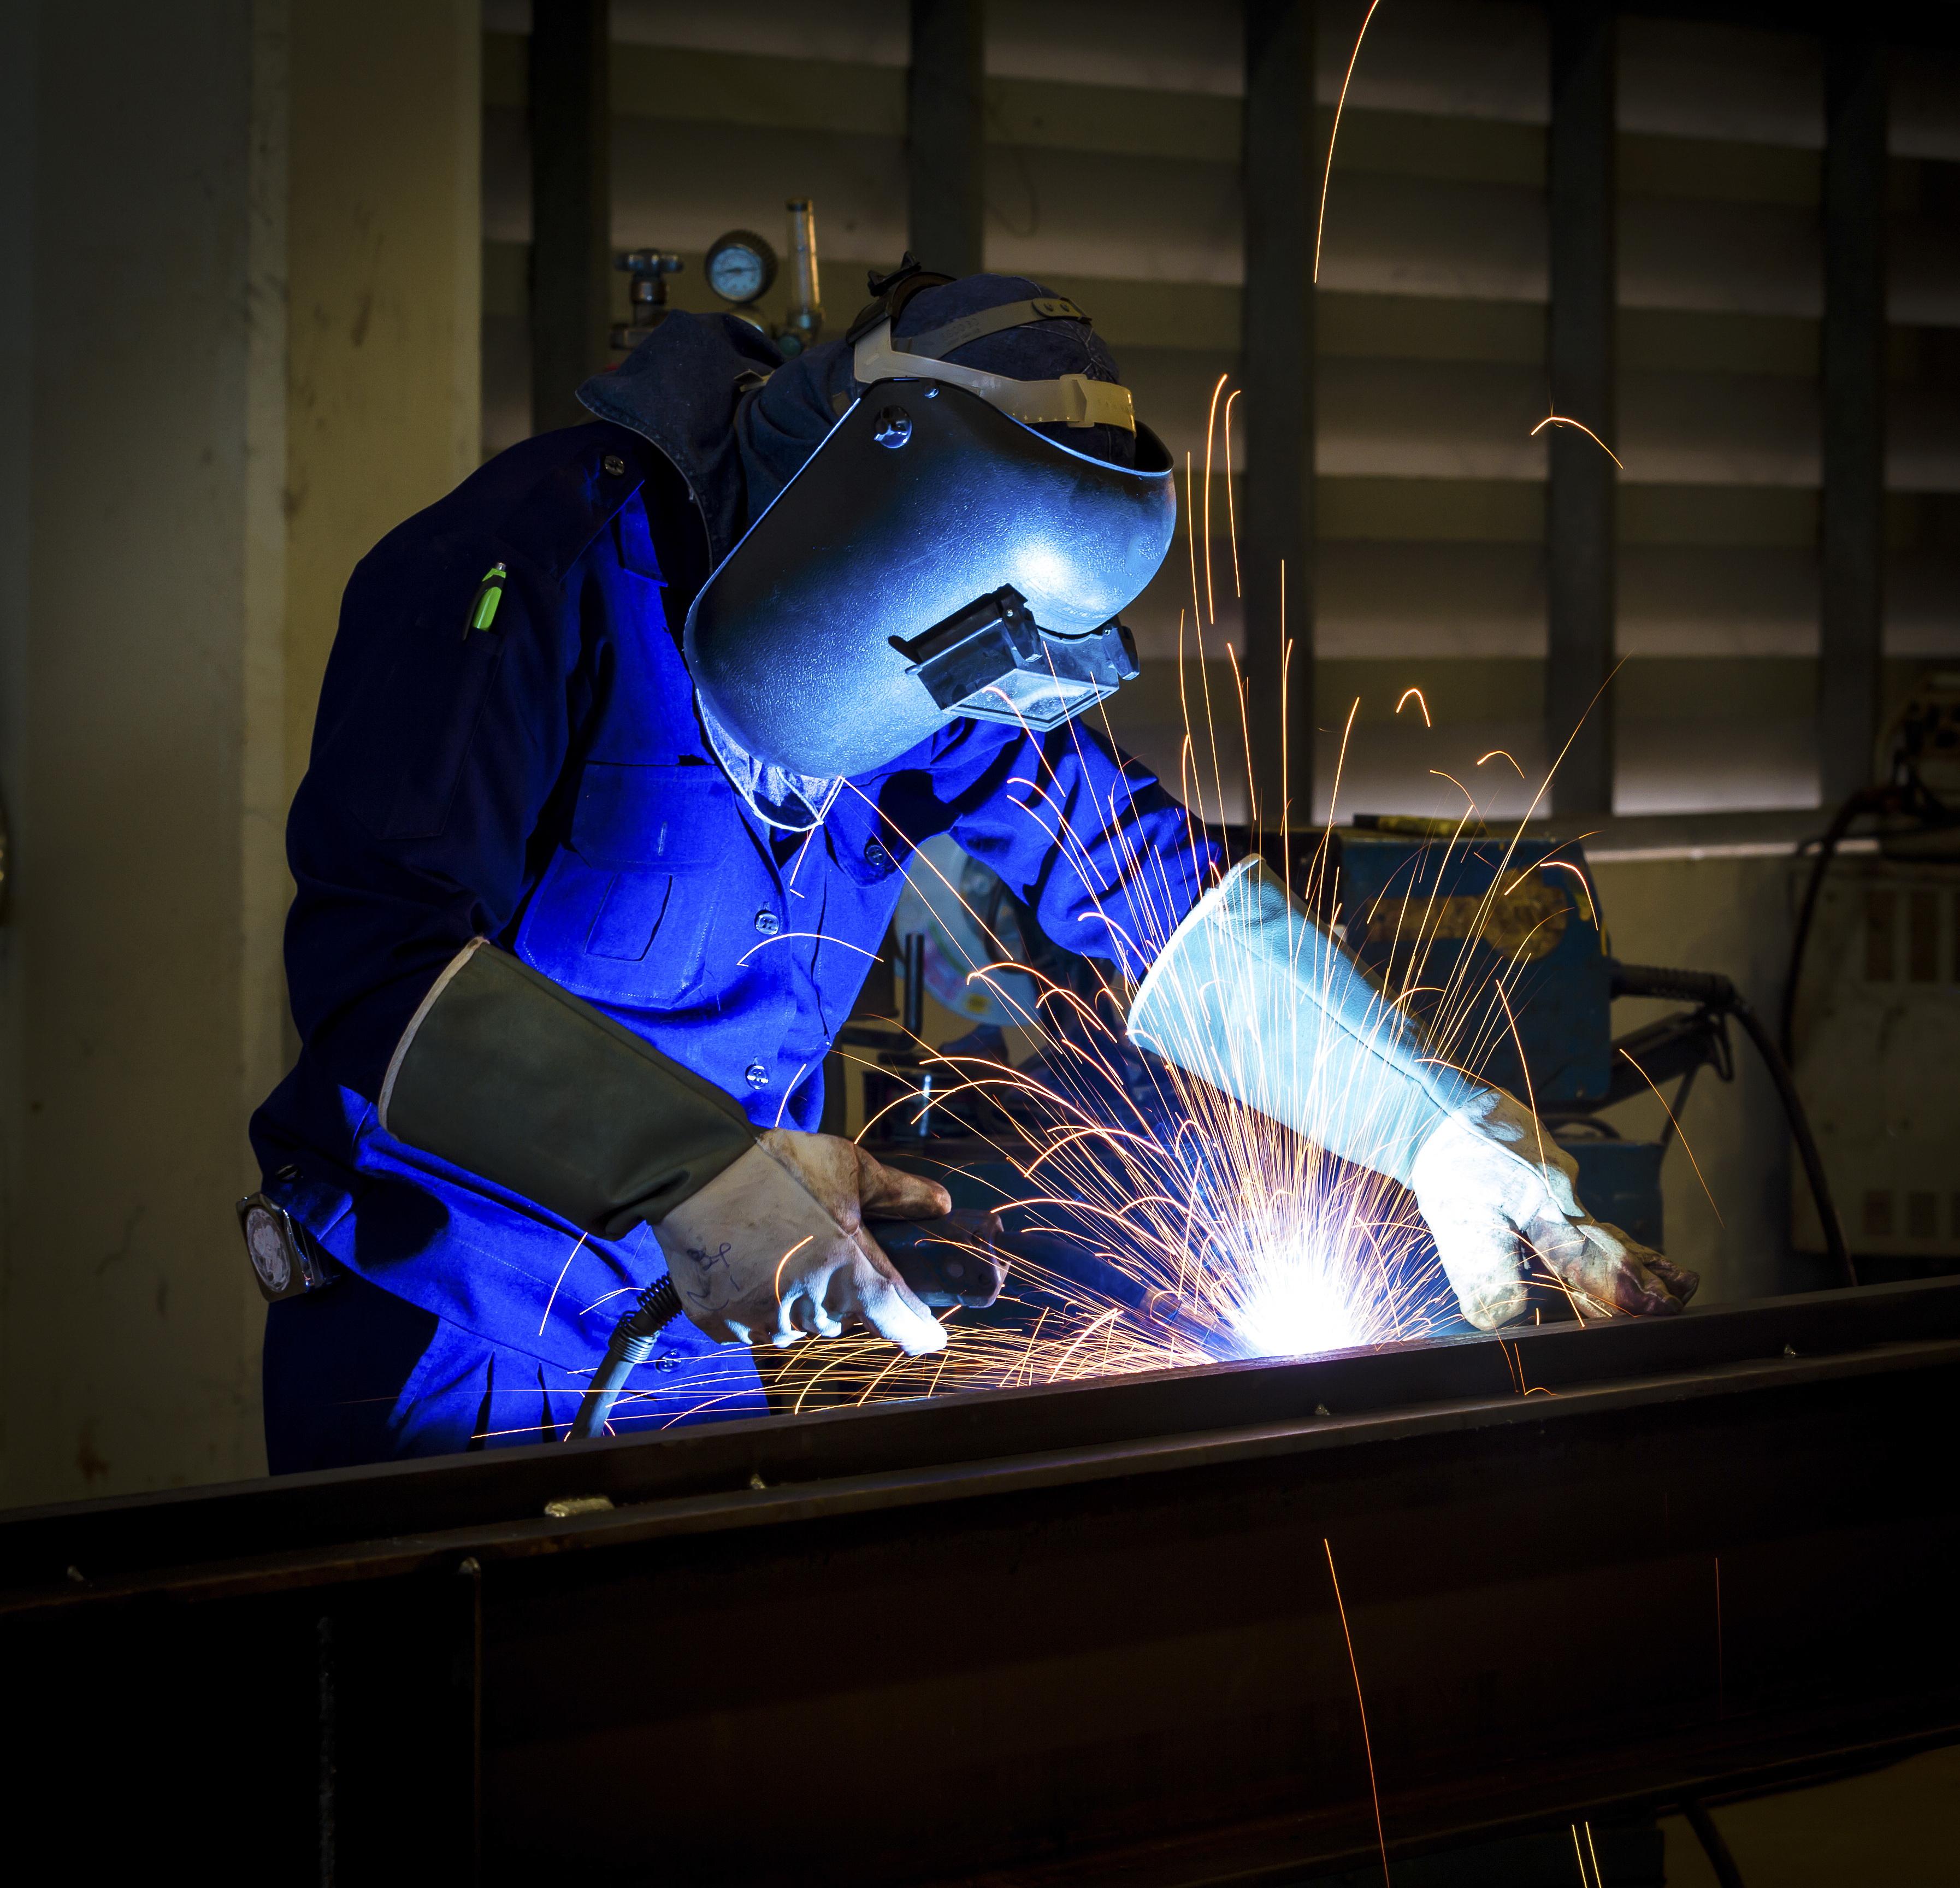 Профессии связаны с металлом